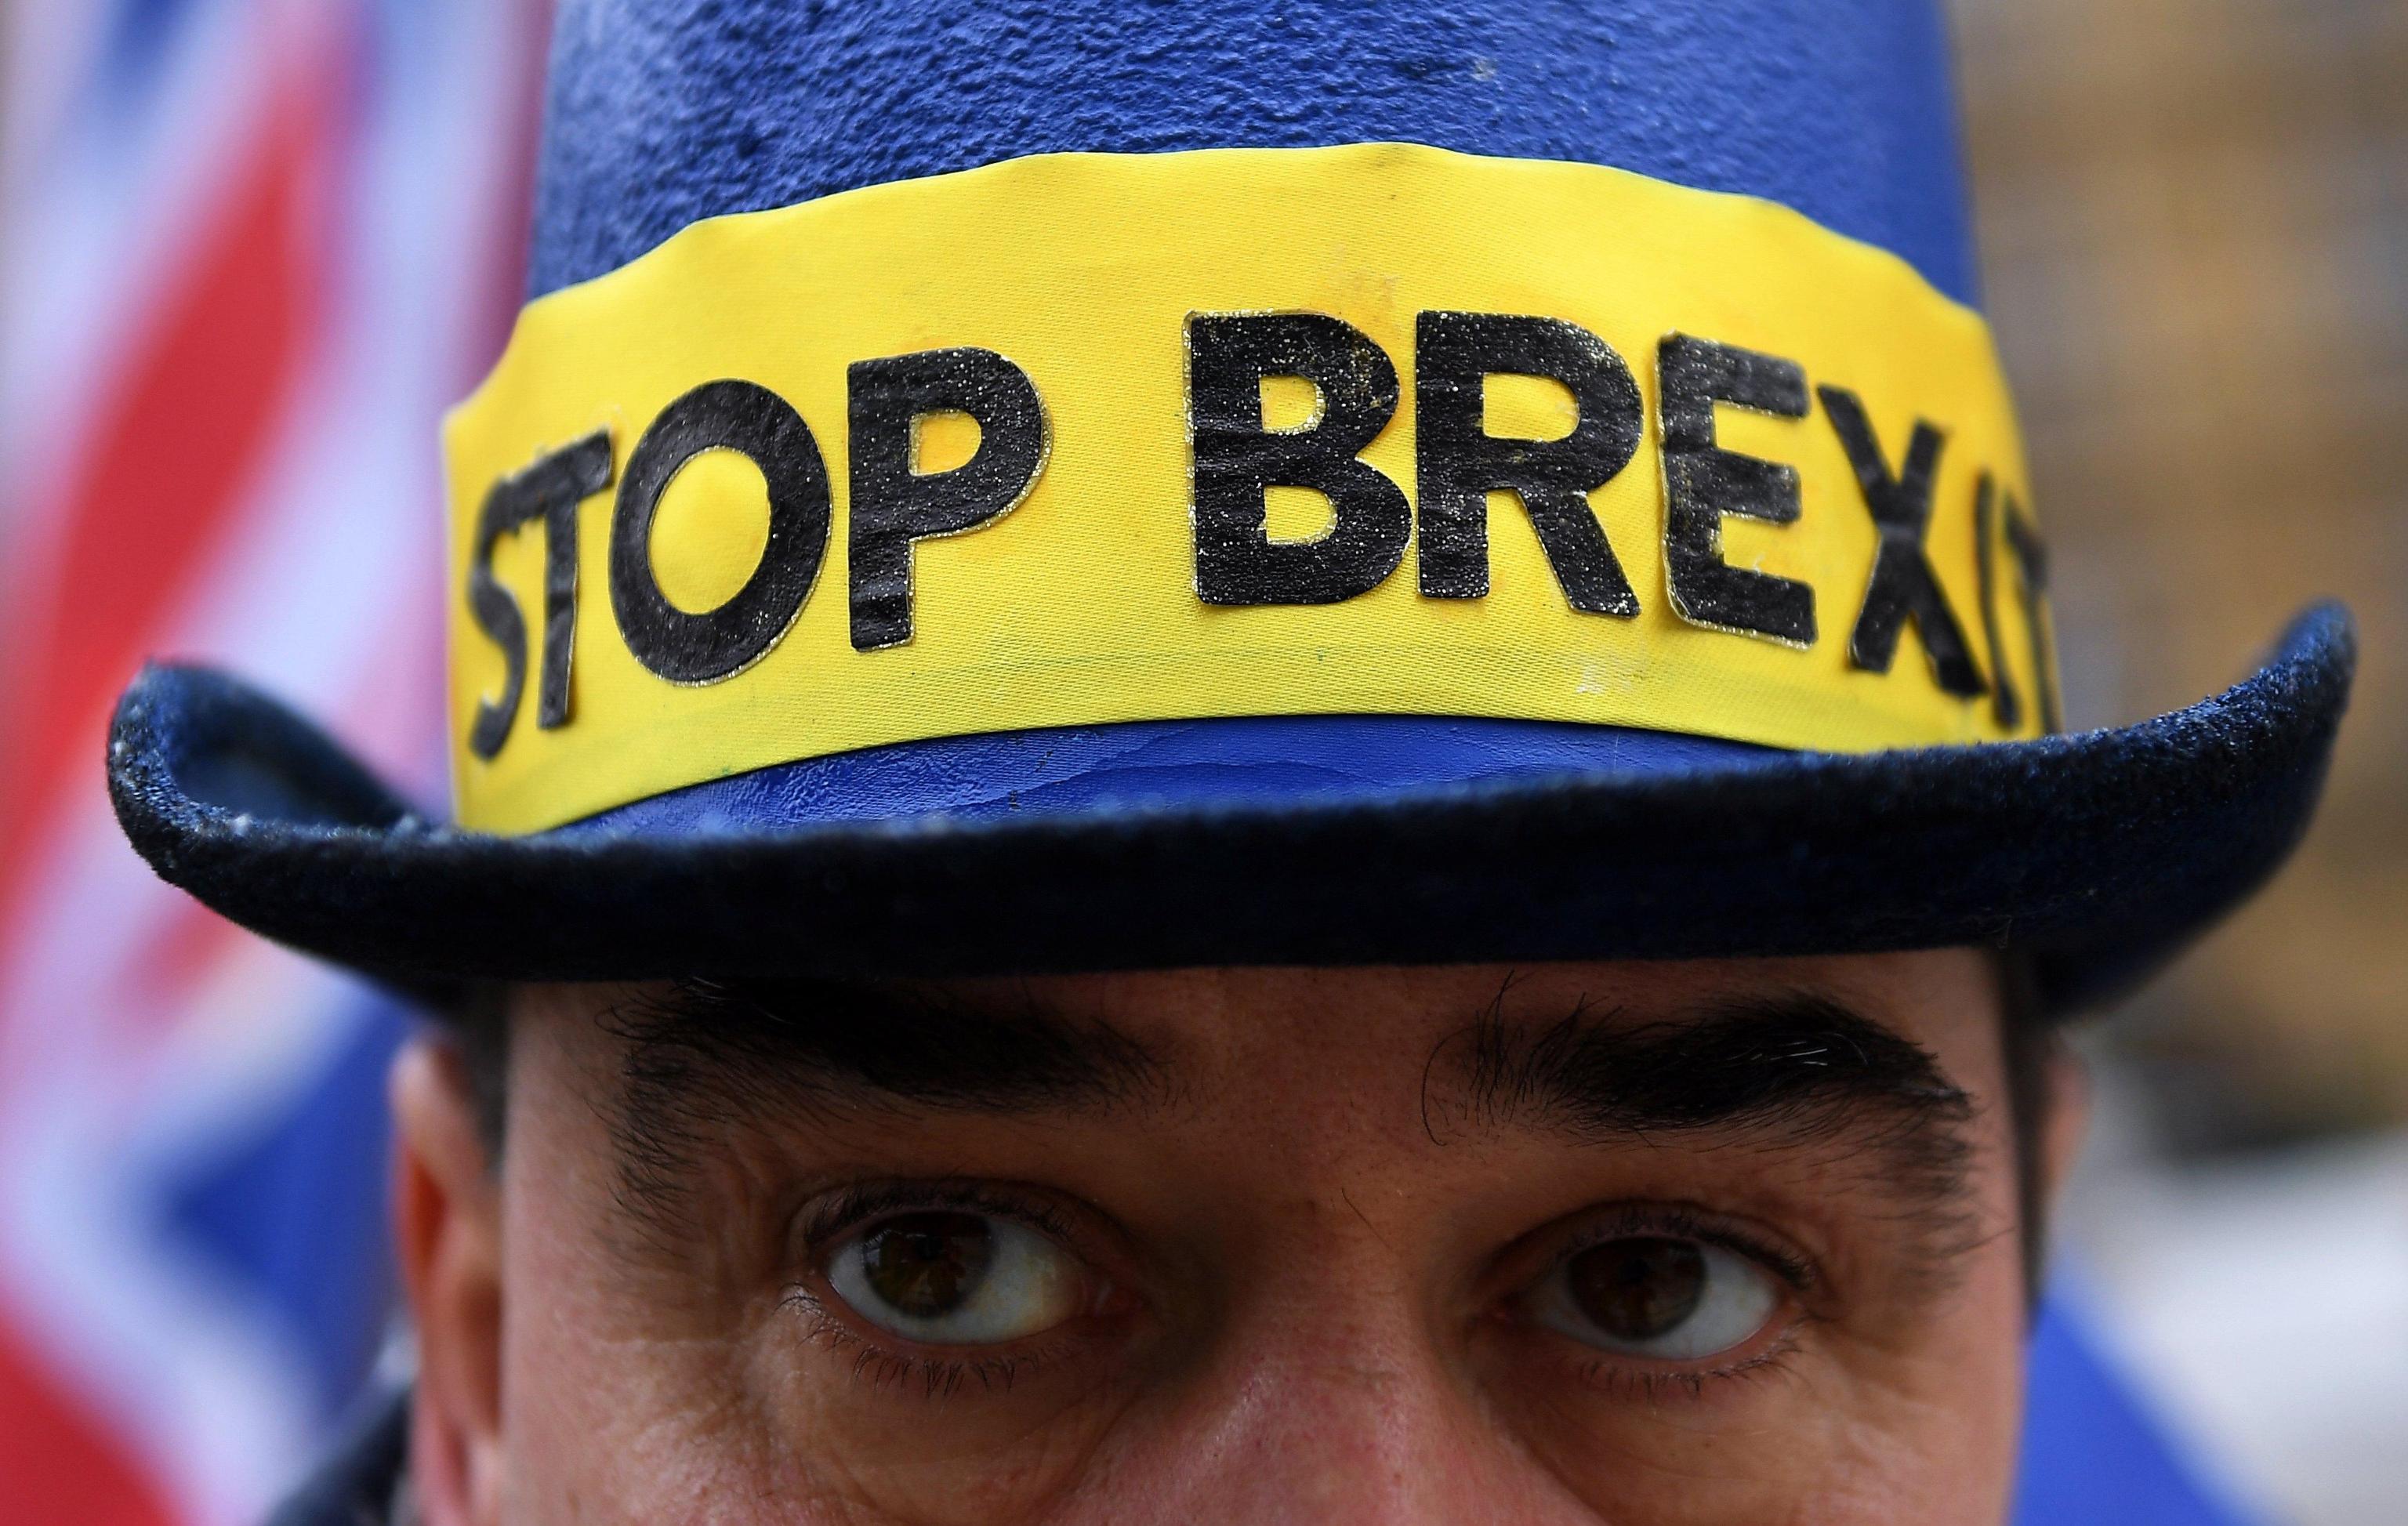 Brexit: Barnier (Ue) dopo nuovo round di negoziati, ancora disaccordi e incertezze